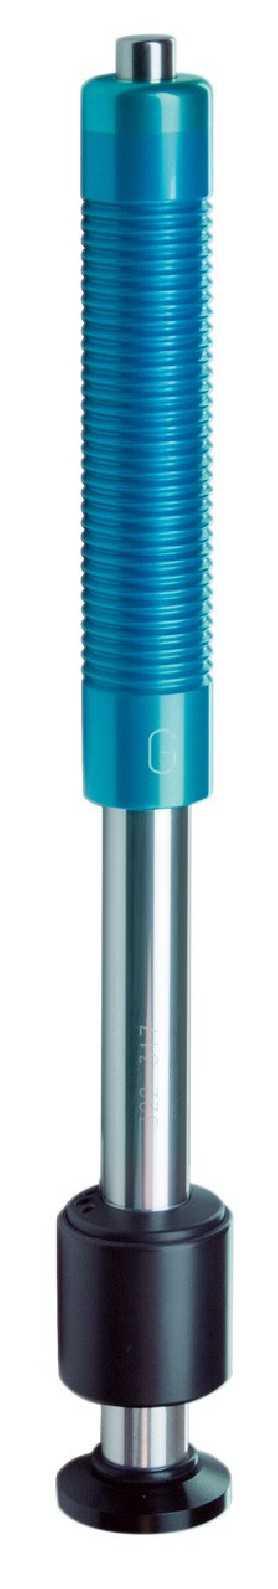 SAUTER AHMR G Capteur de rebond externe Type G